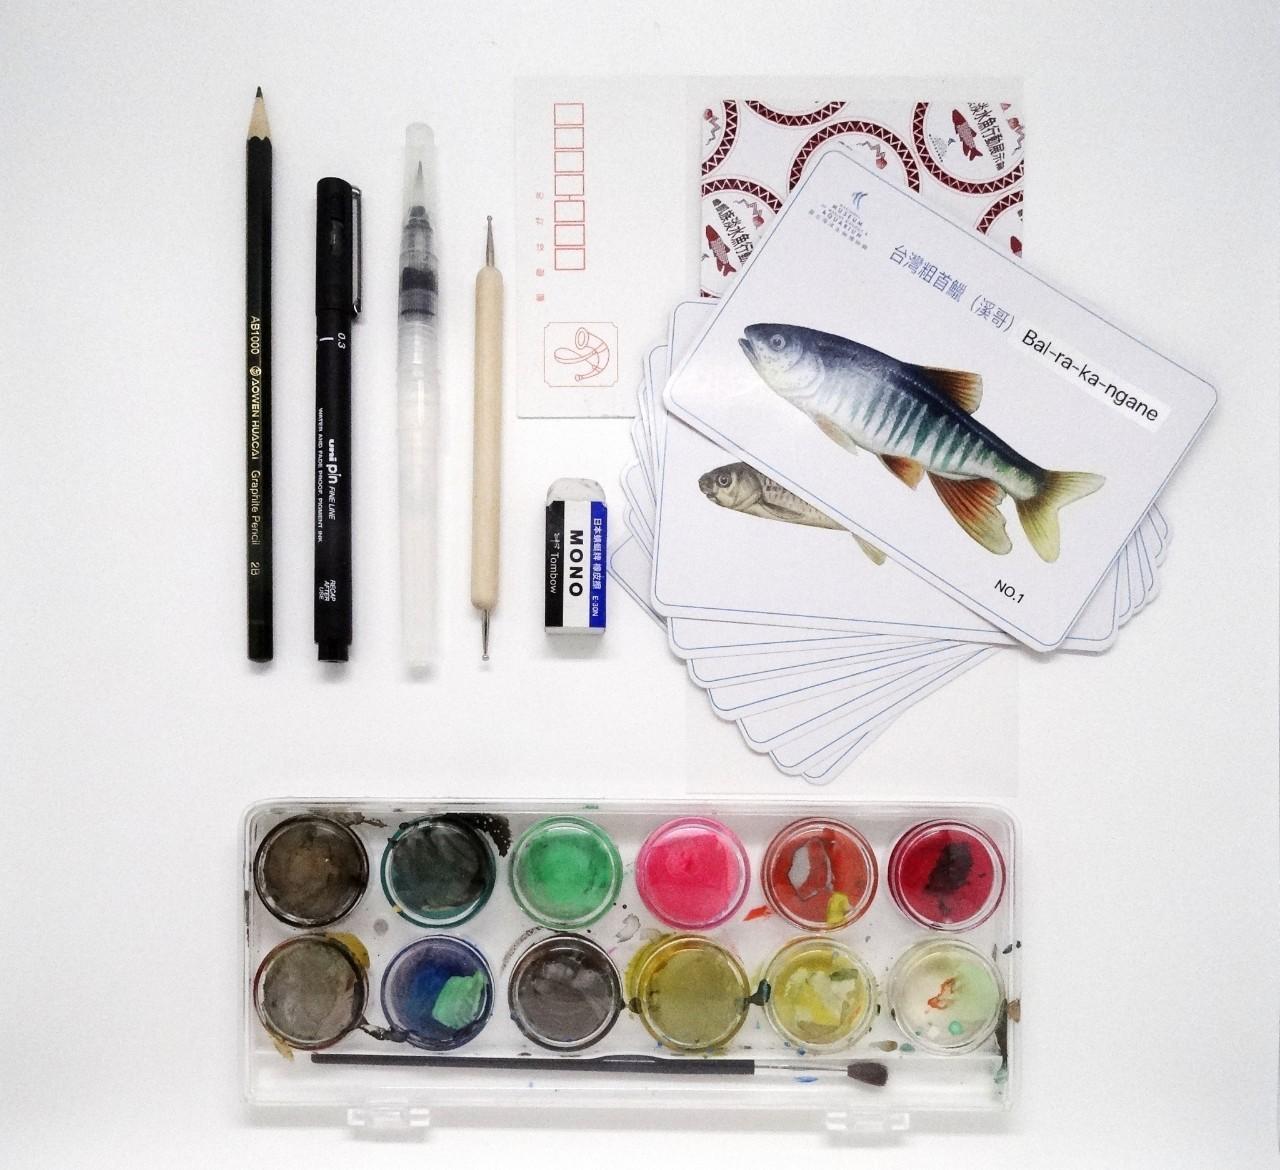 魚體特徵描繪